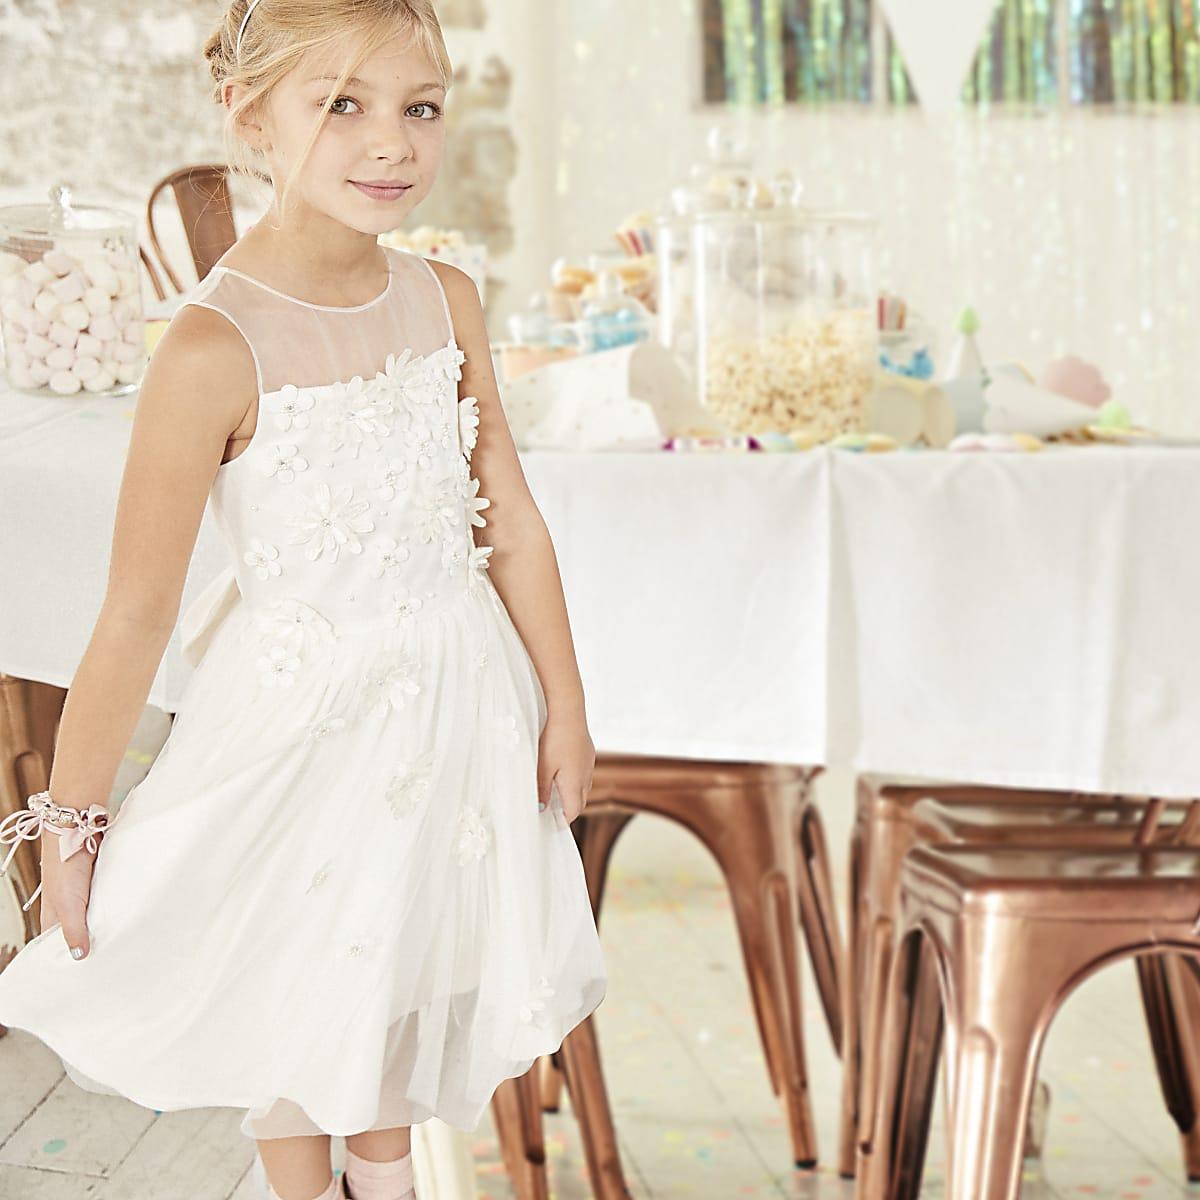 e03424bd39c ... Robe de demoiselle d honneur blanche avec jupe en tulle pour fille ...